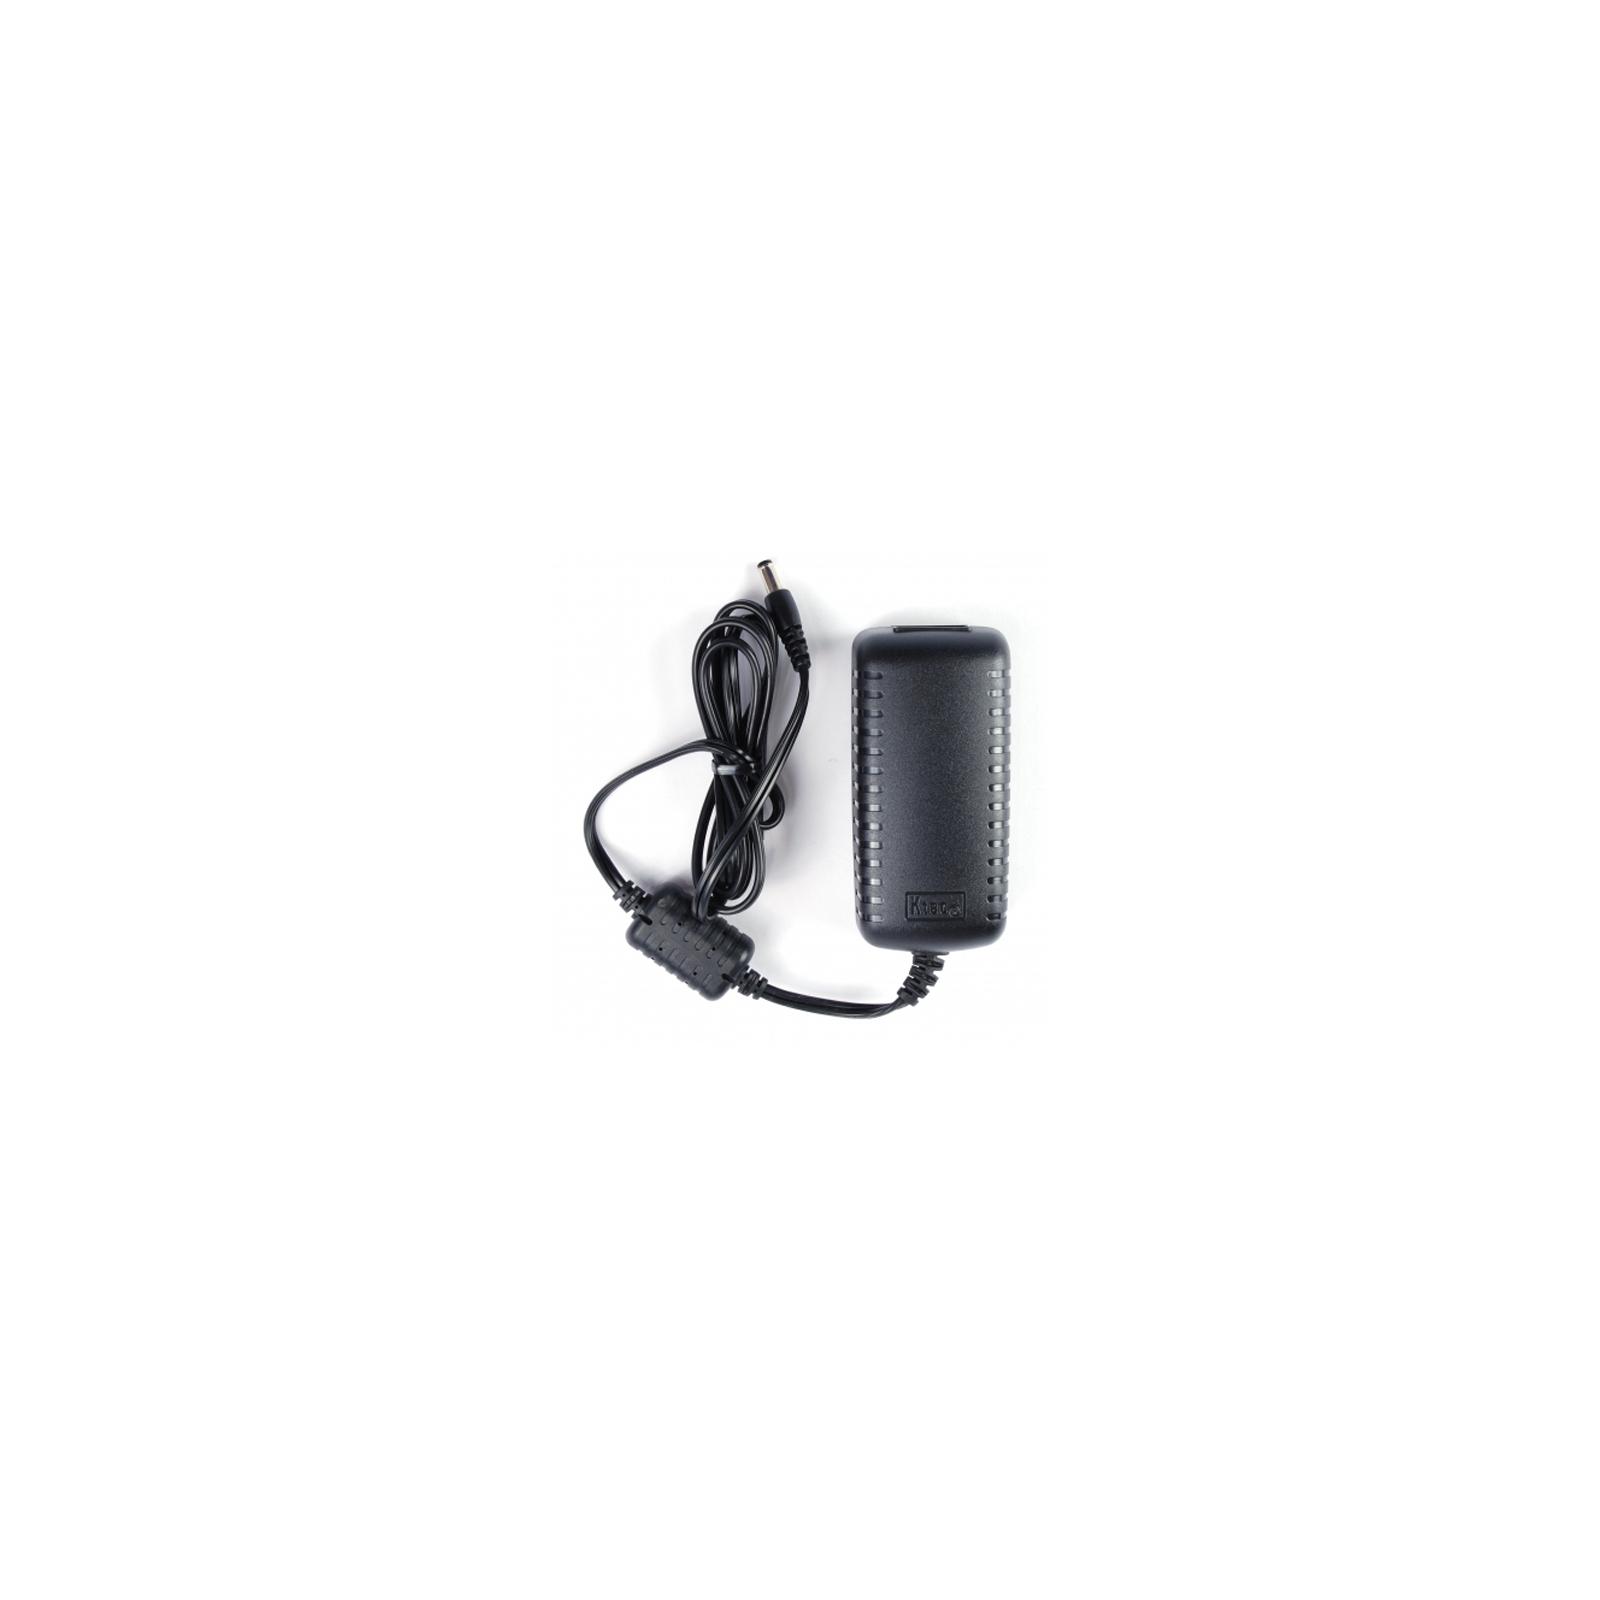 Регистратор для видеонаблюдения Gazer NF708r изображение 7